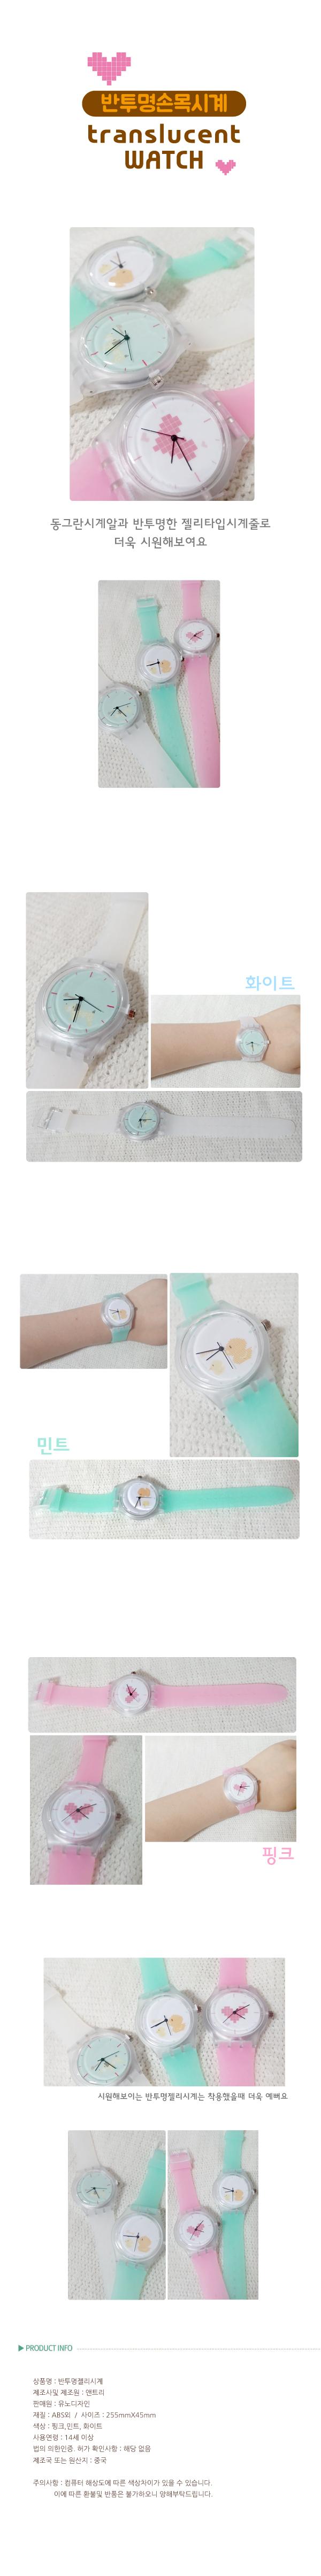 반투명손목시계 - 유노디자인, 6,000원, 여성시계, 패션시계